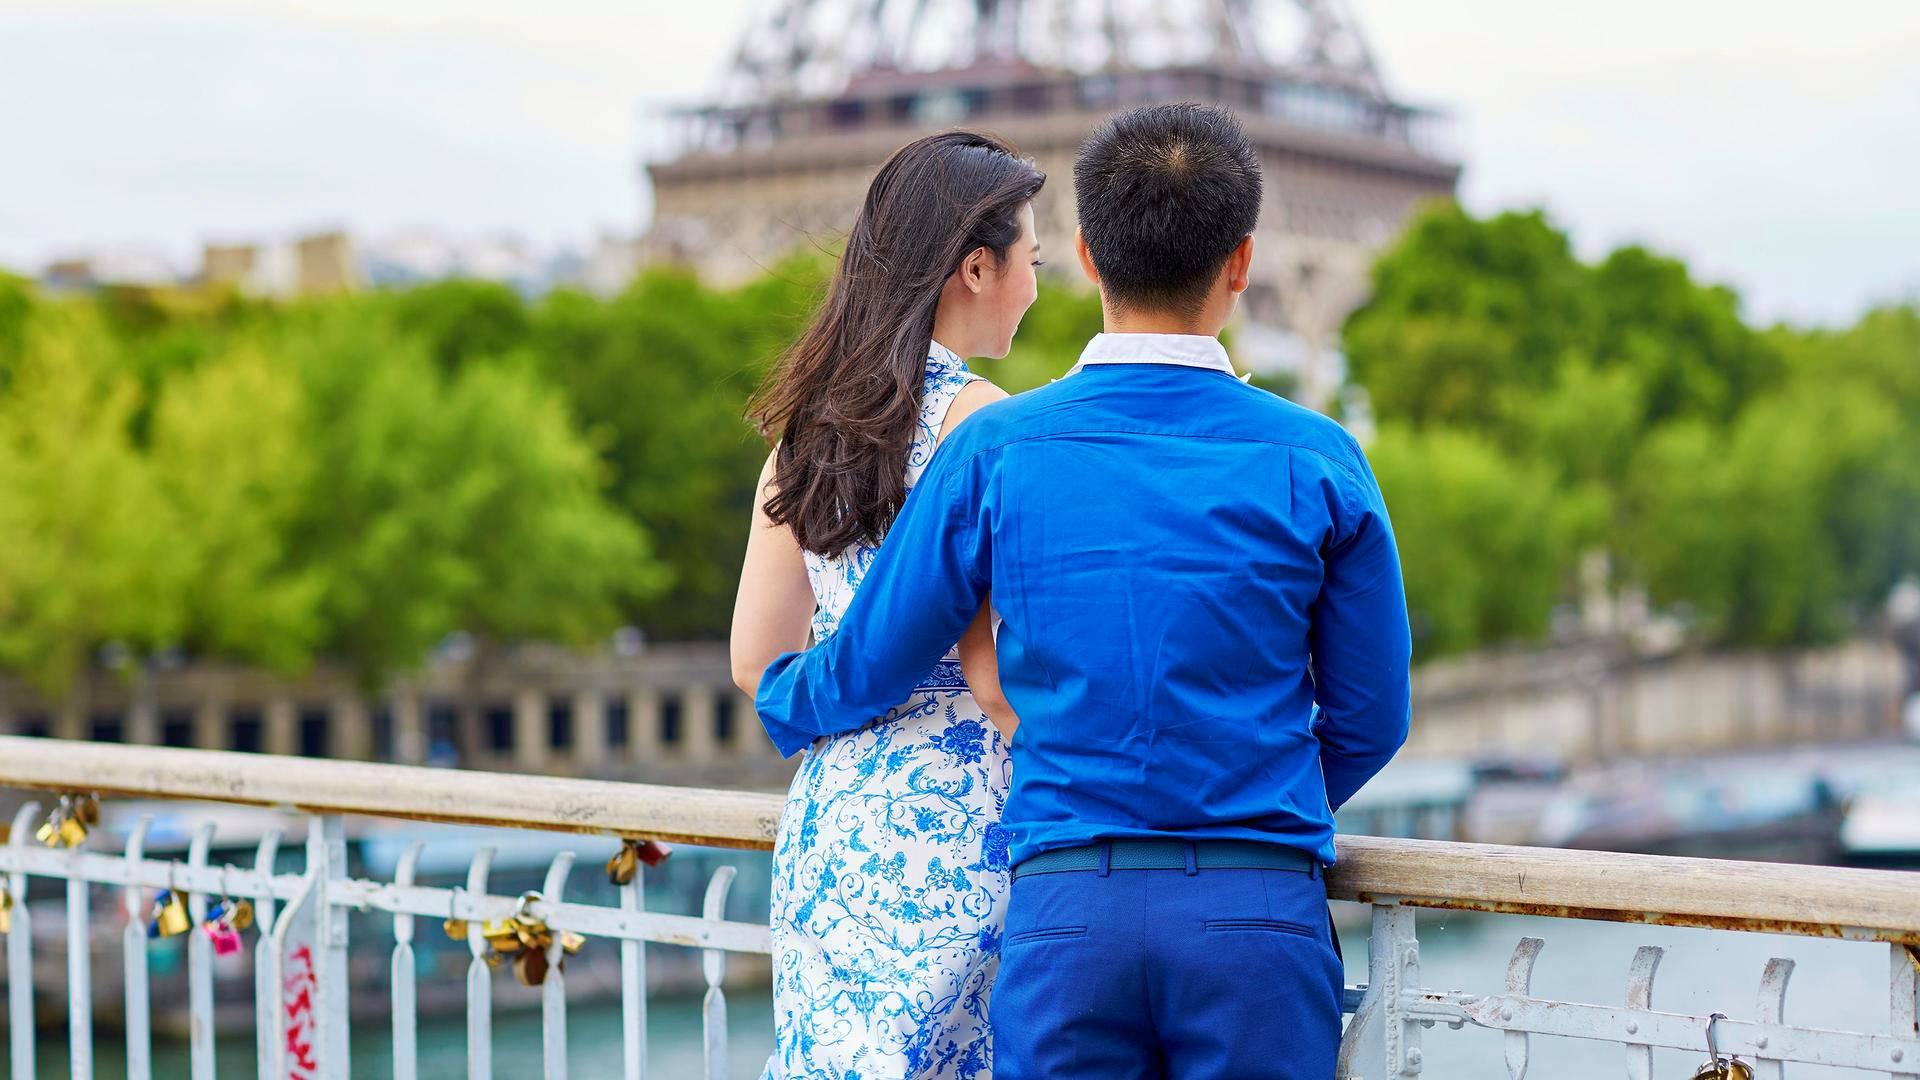 rakkaus dating site Pakistan